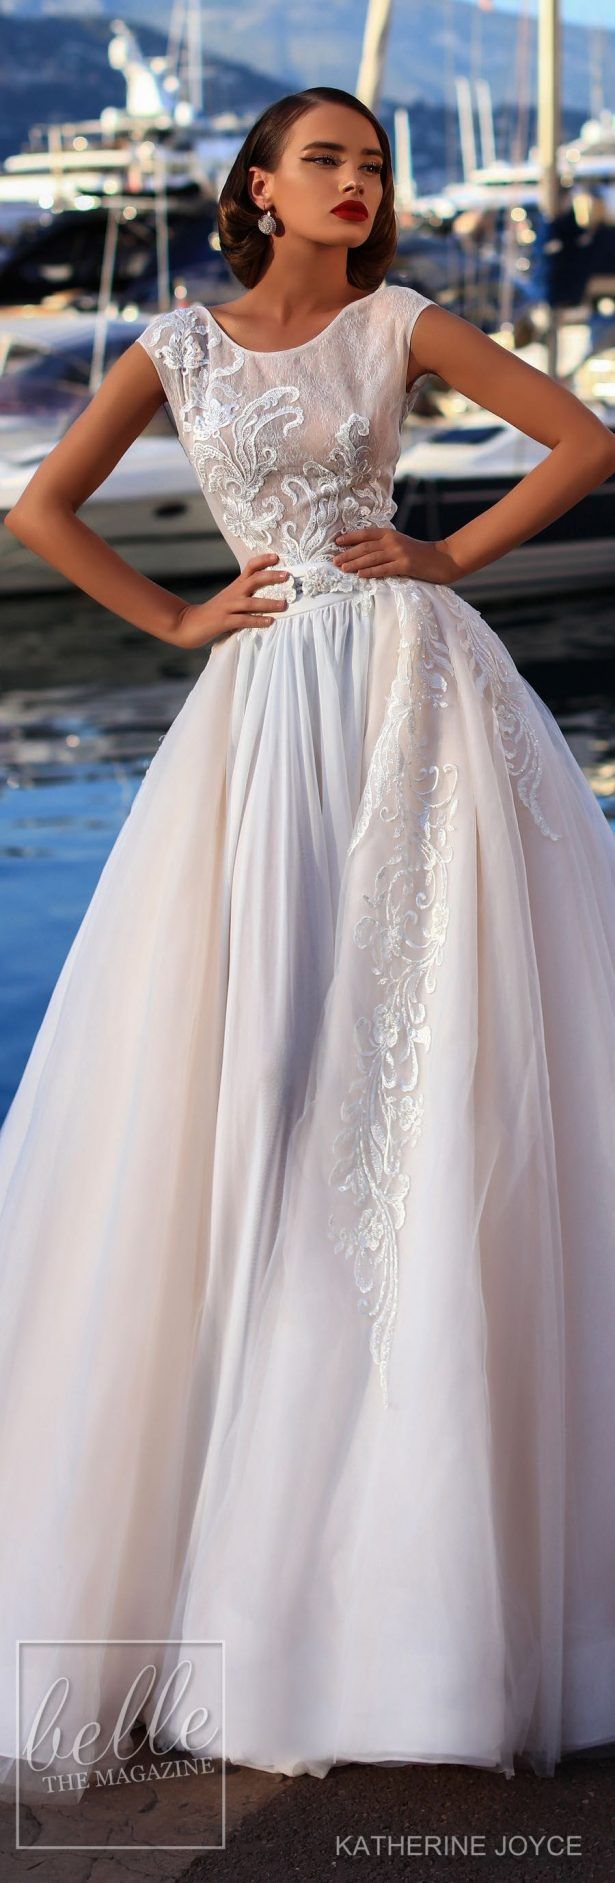 Erfreut Hochzeitskleid Für Dicke Menschen Zeitgenössisch ...